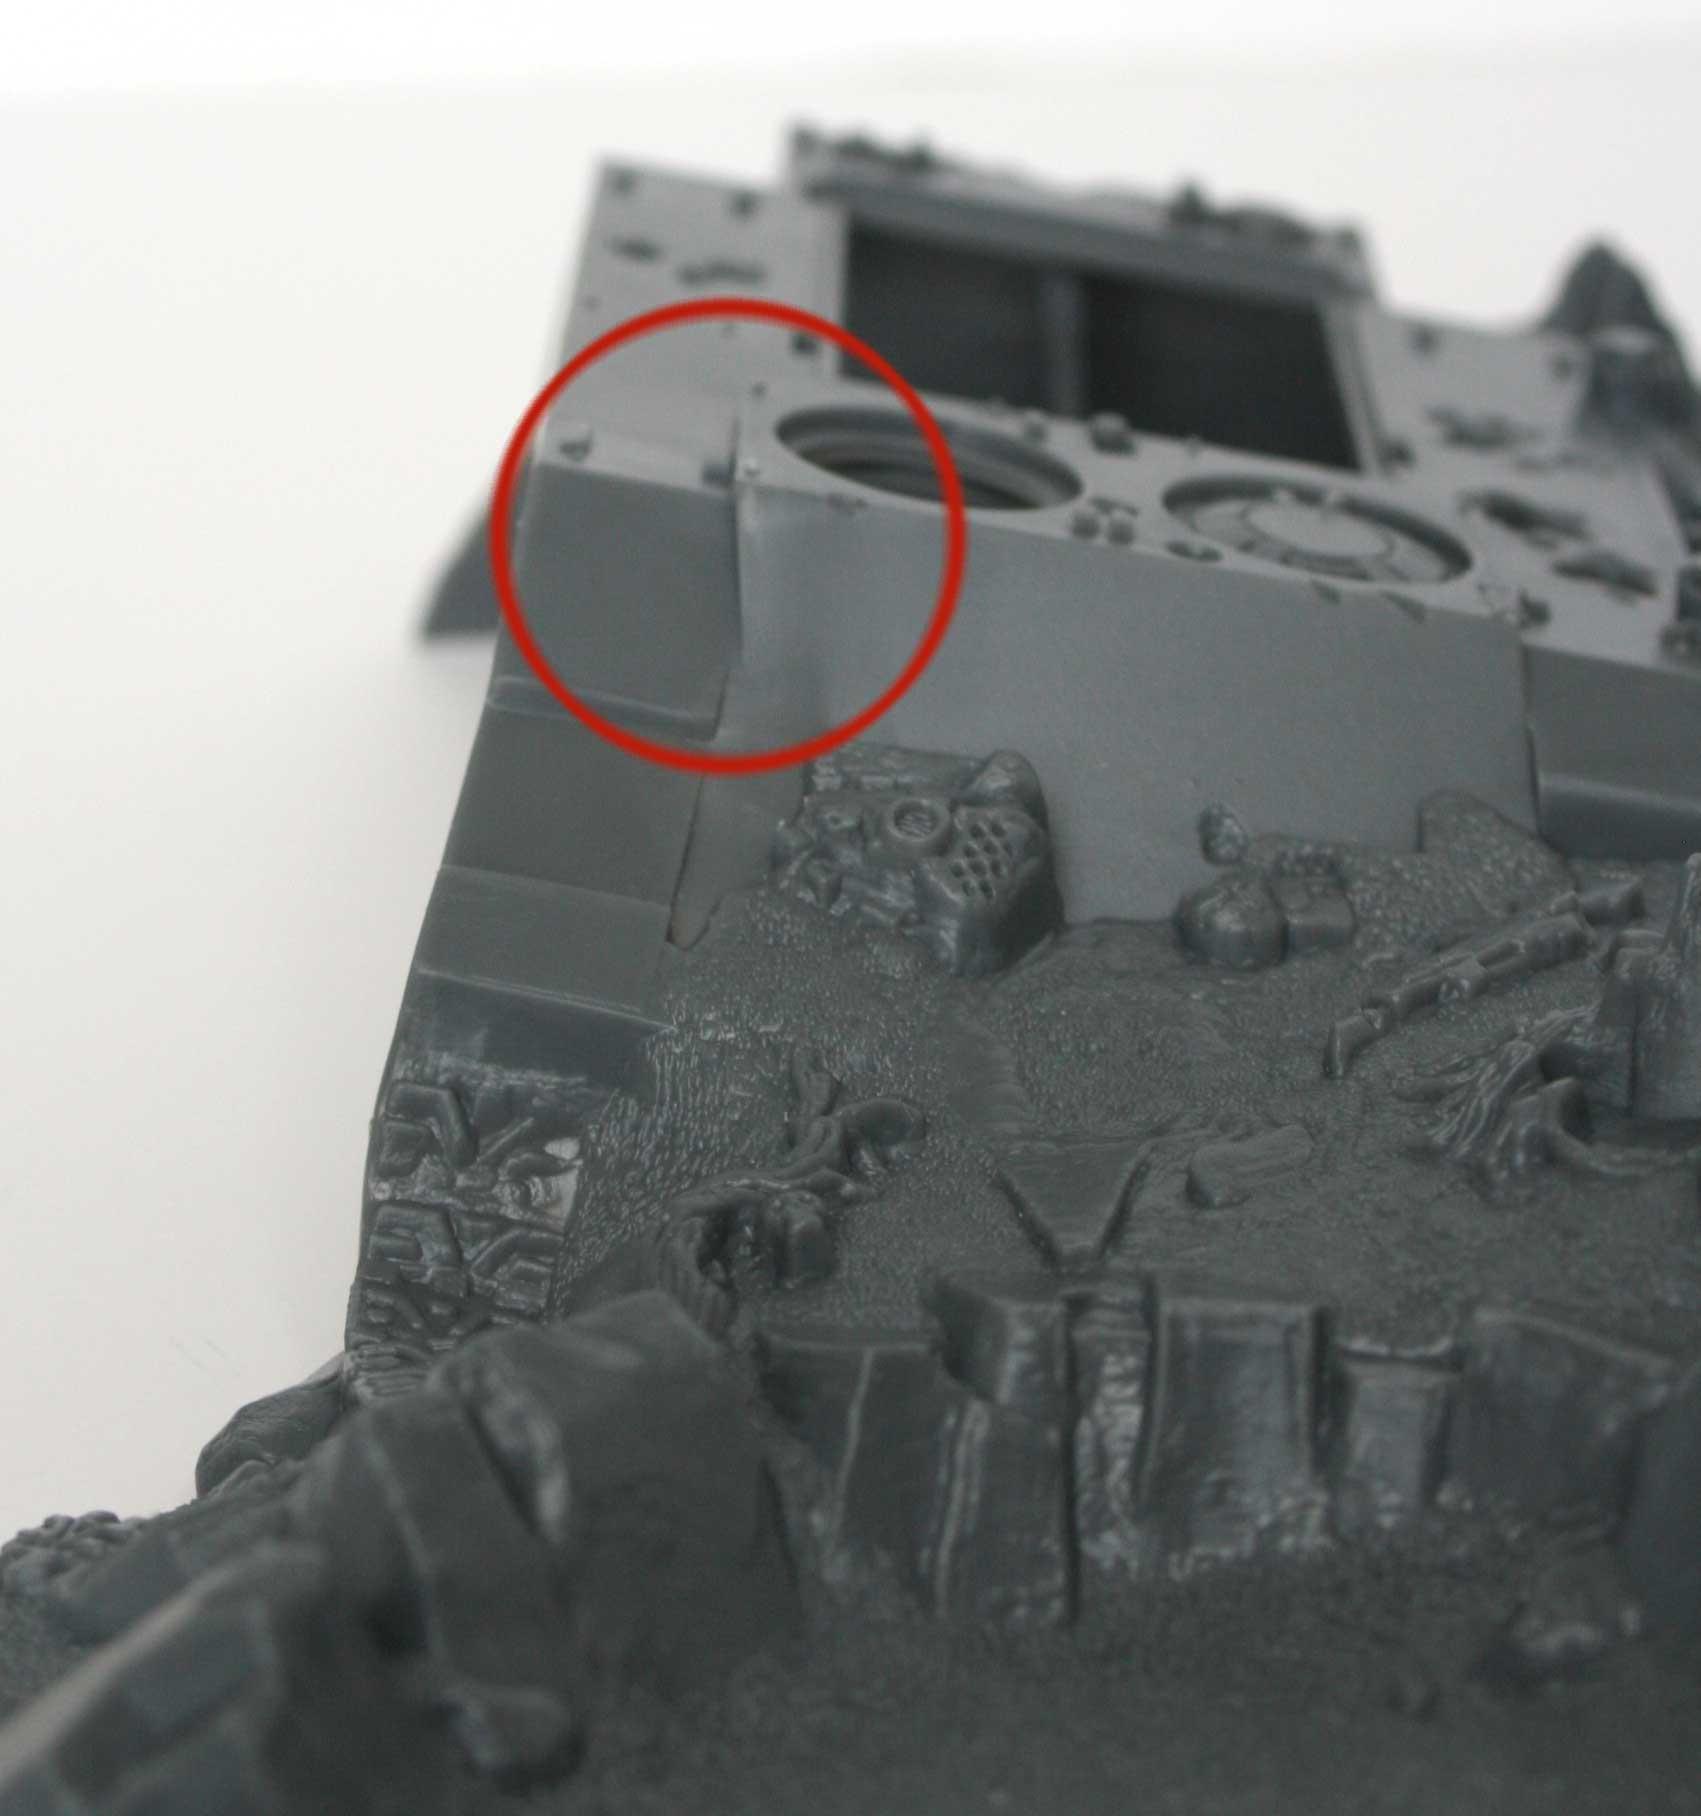 Les deux côté du tank ne sont pas parallèle pour permettre l'éjection de la pièce hors du moule